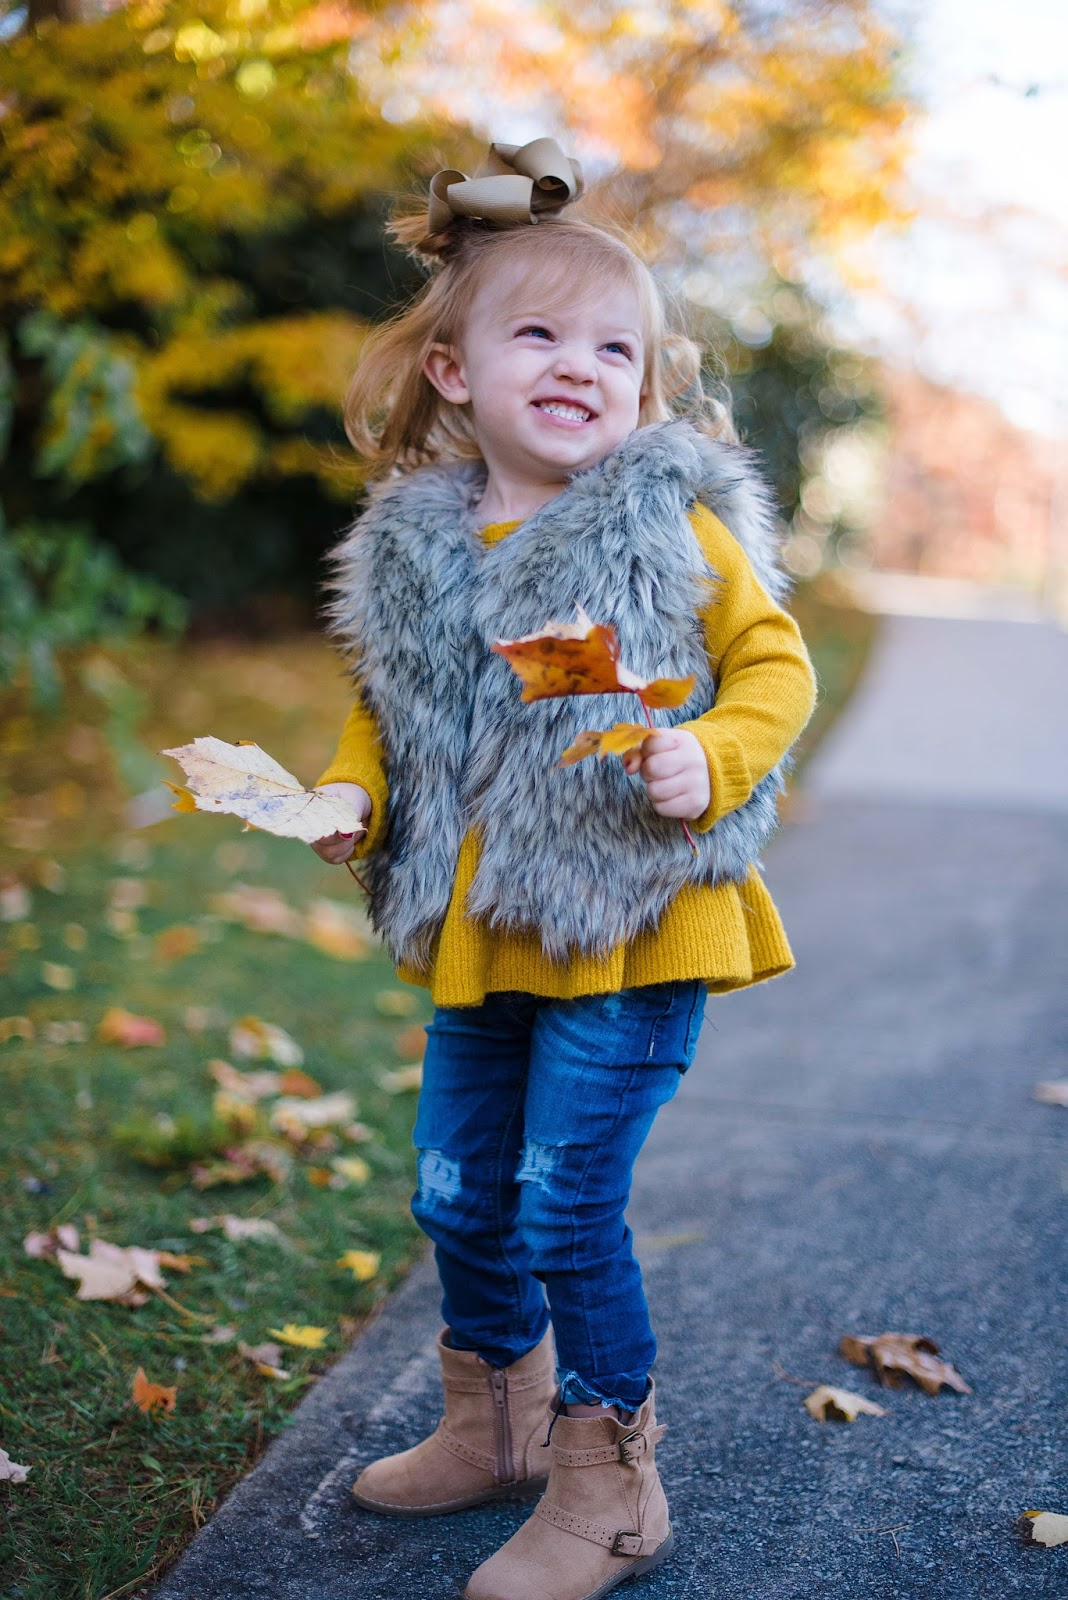 Toddler Fashion: Mustard Yellow & Faux Fur - Something Delightful Blog